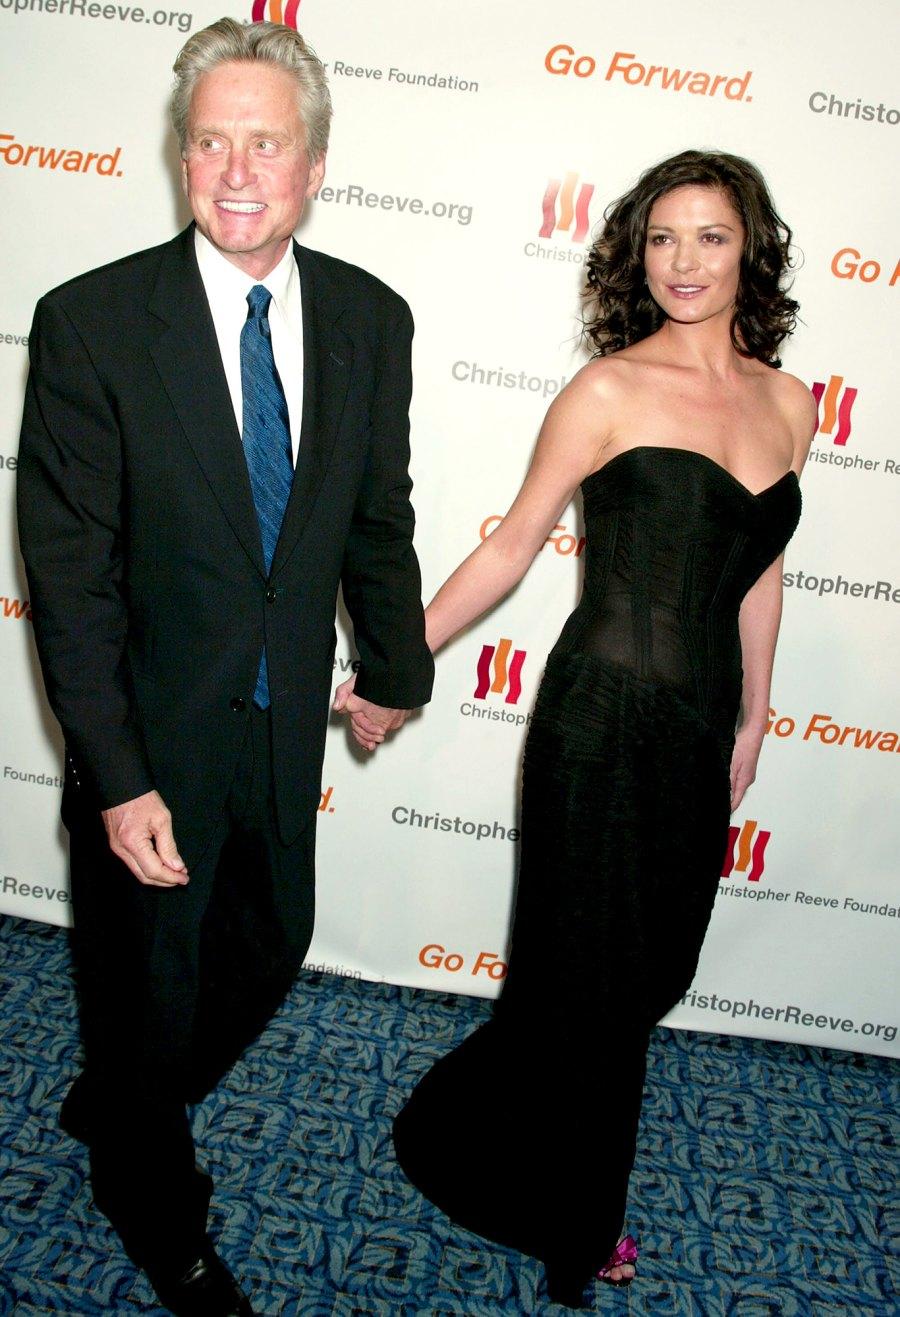 Michael-Douglas-and-Catherine-Zeta-Jones November-2005-Douglas-and-Zeta-Jones-Christopher-Reeve-Foundation